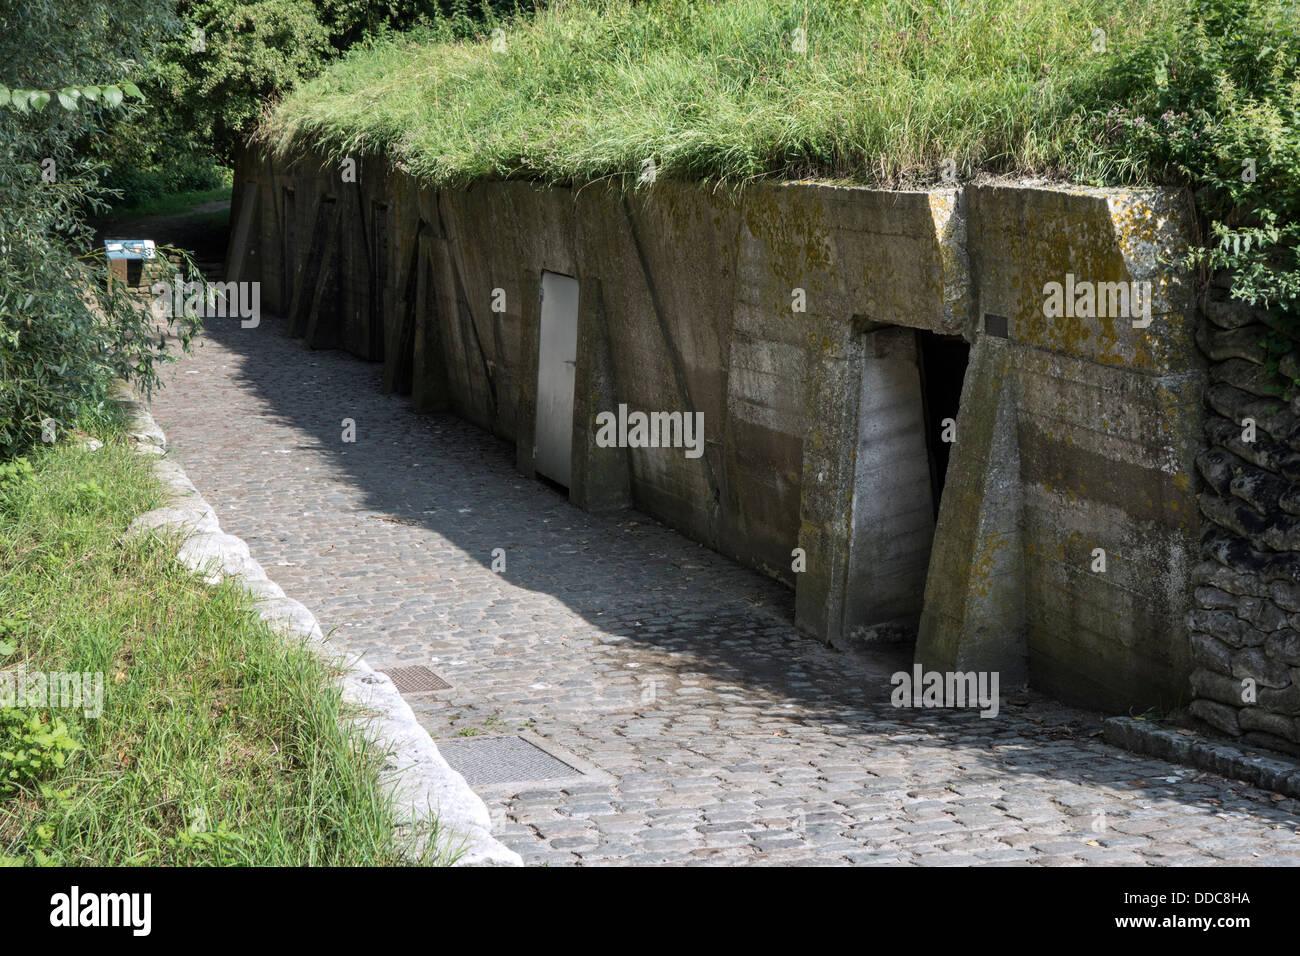 Prima guerra mondiale una medicazione avanzata / stazione ADS bunkers a WW1 John McCrae sito nelle vicinanze di Immagini Stock